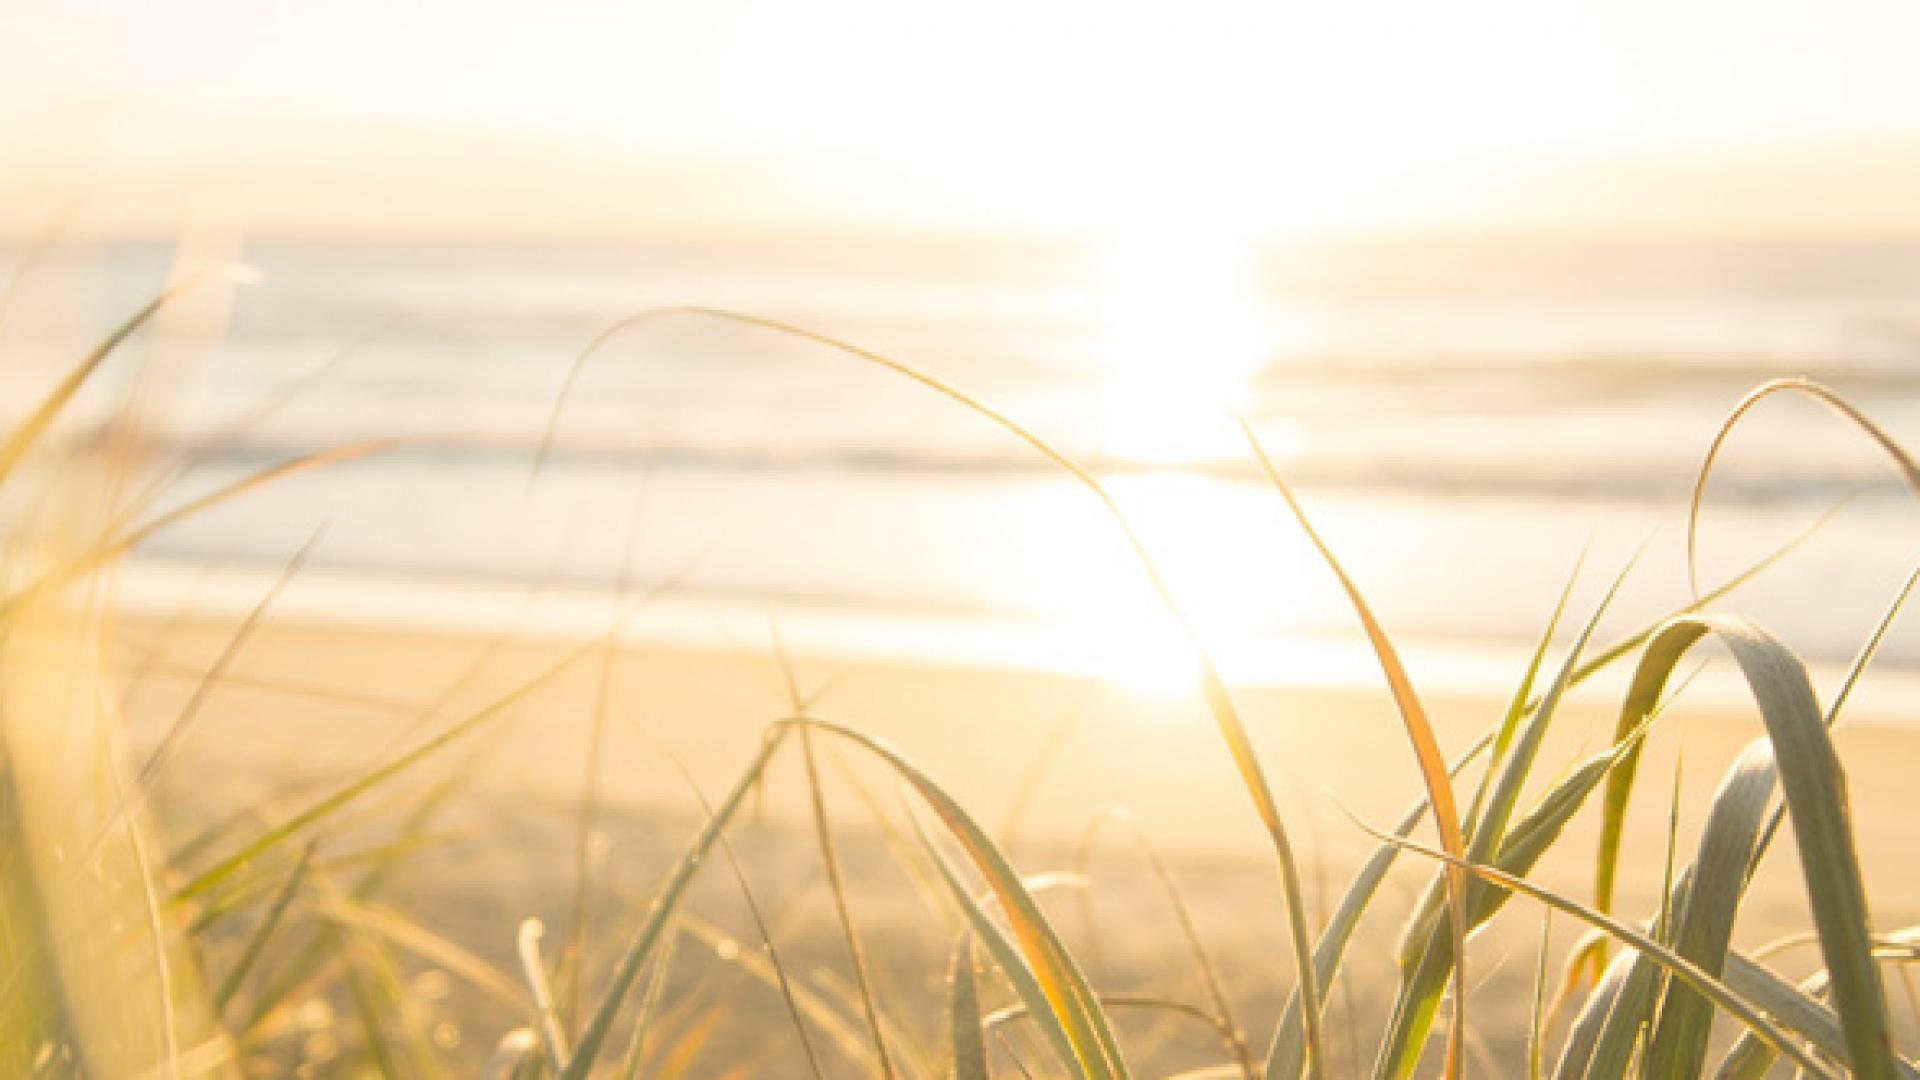 Естествена слънчева светлина